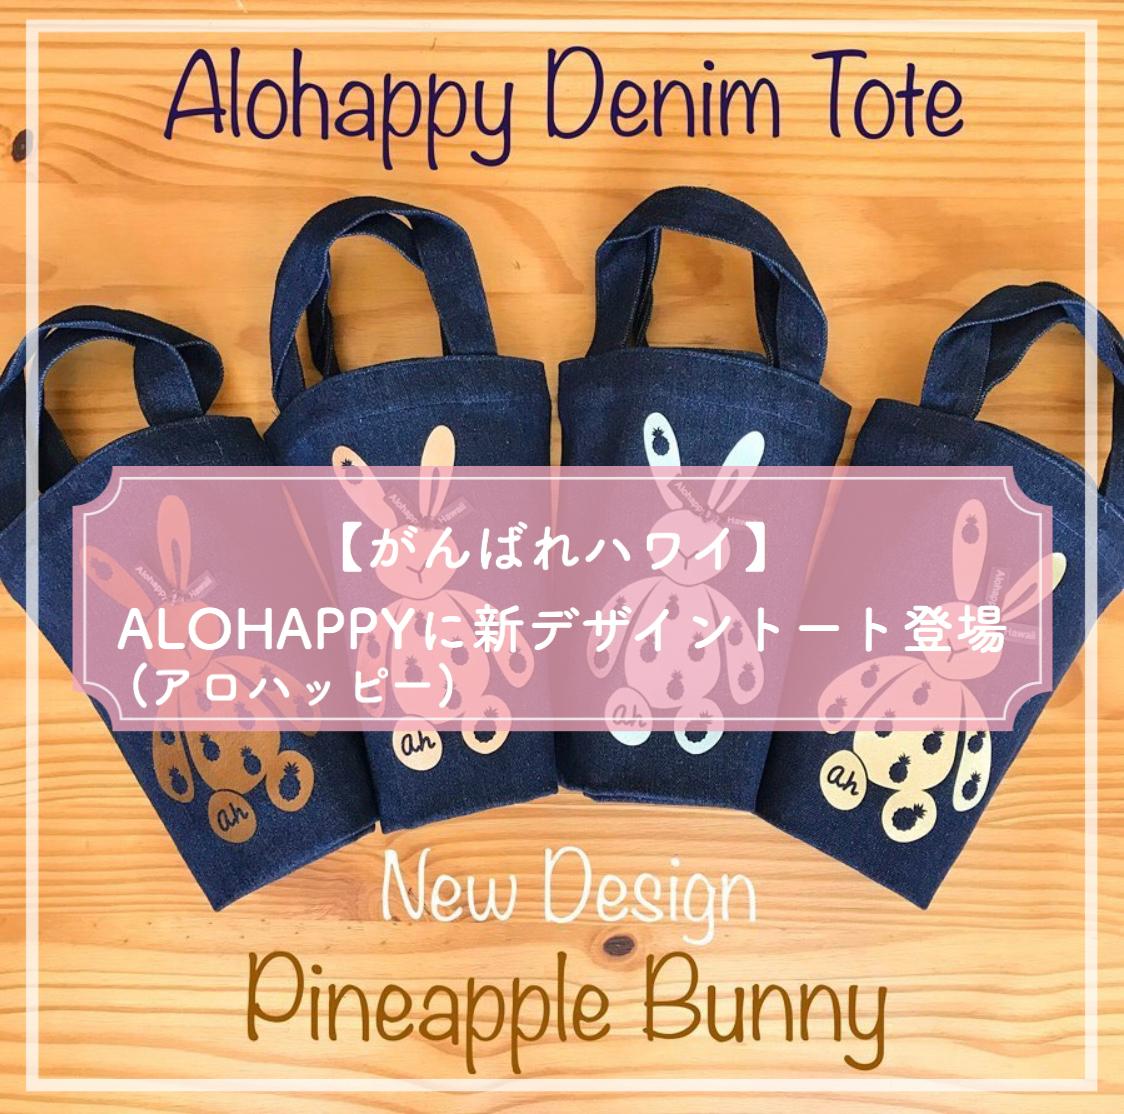 【日本発送可能】ALOHAPPY(アロハッピー)のトートバッグに新デザインが登場【大人可愛い】